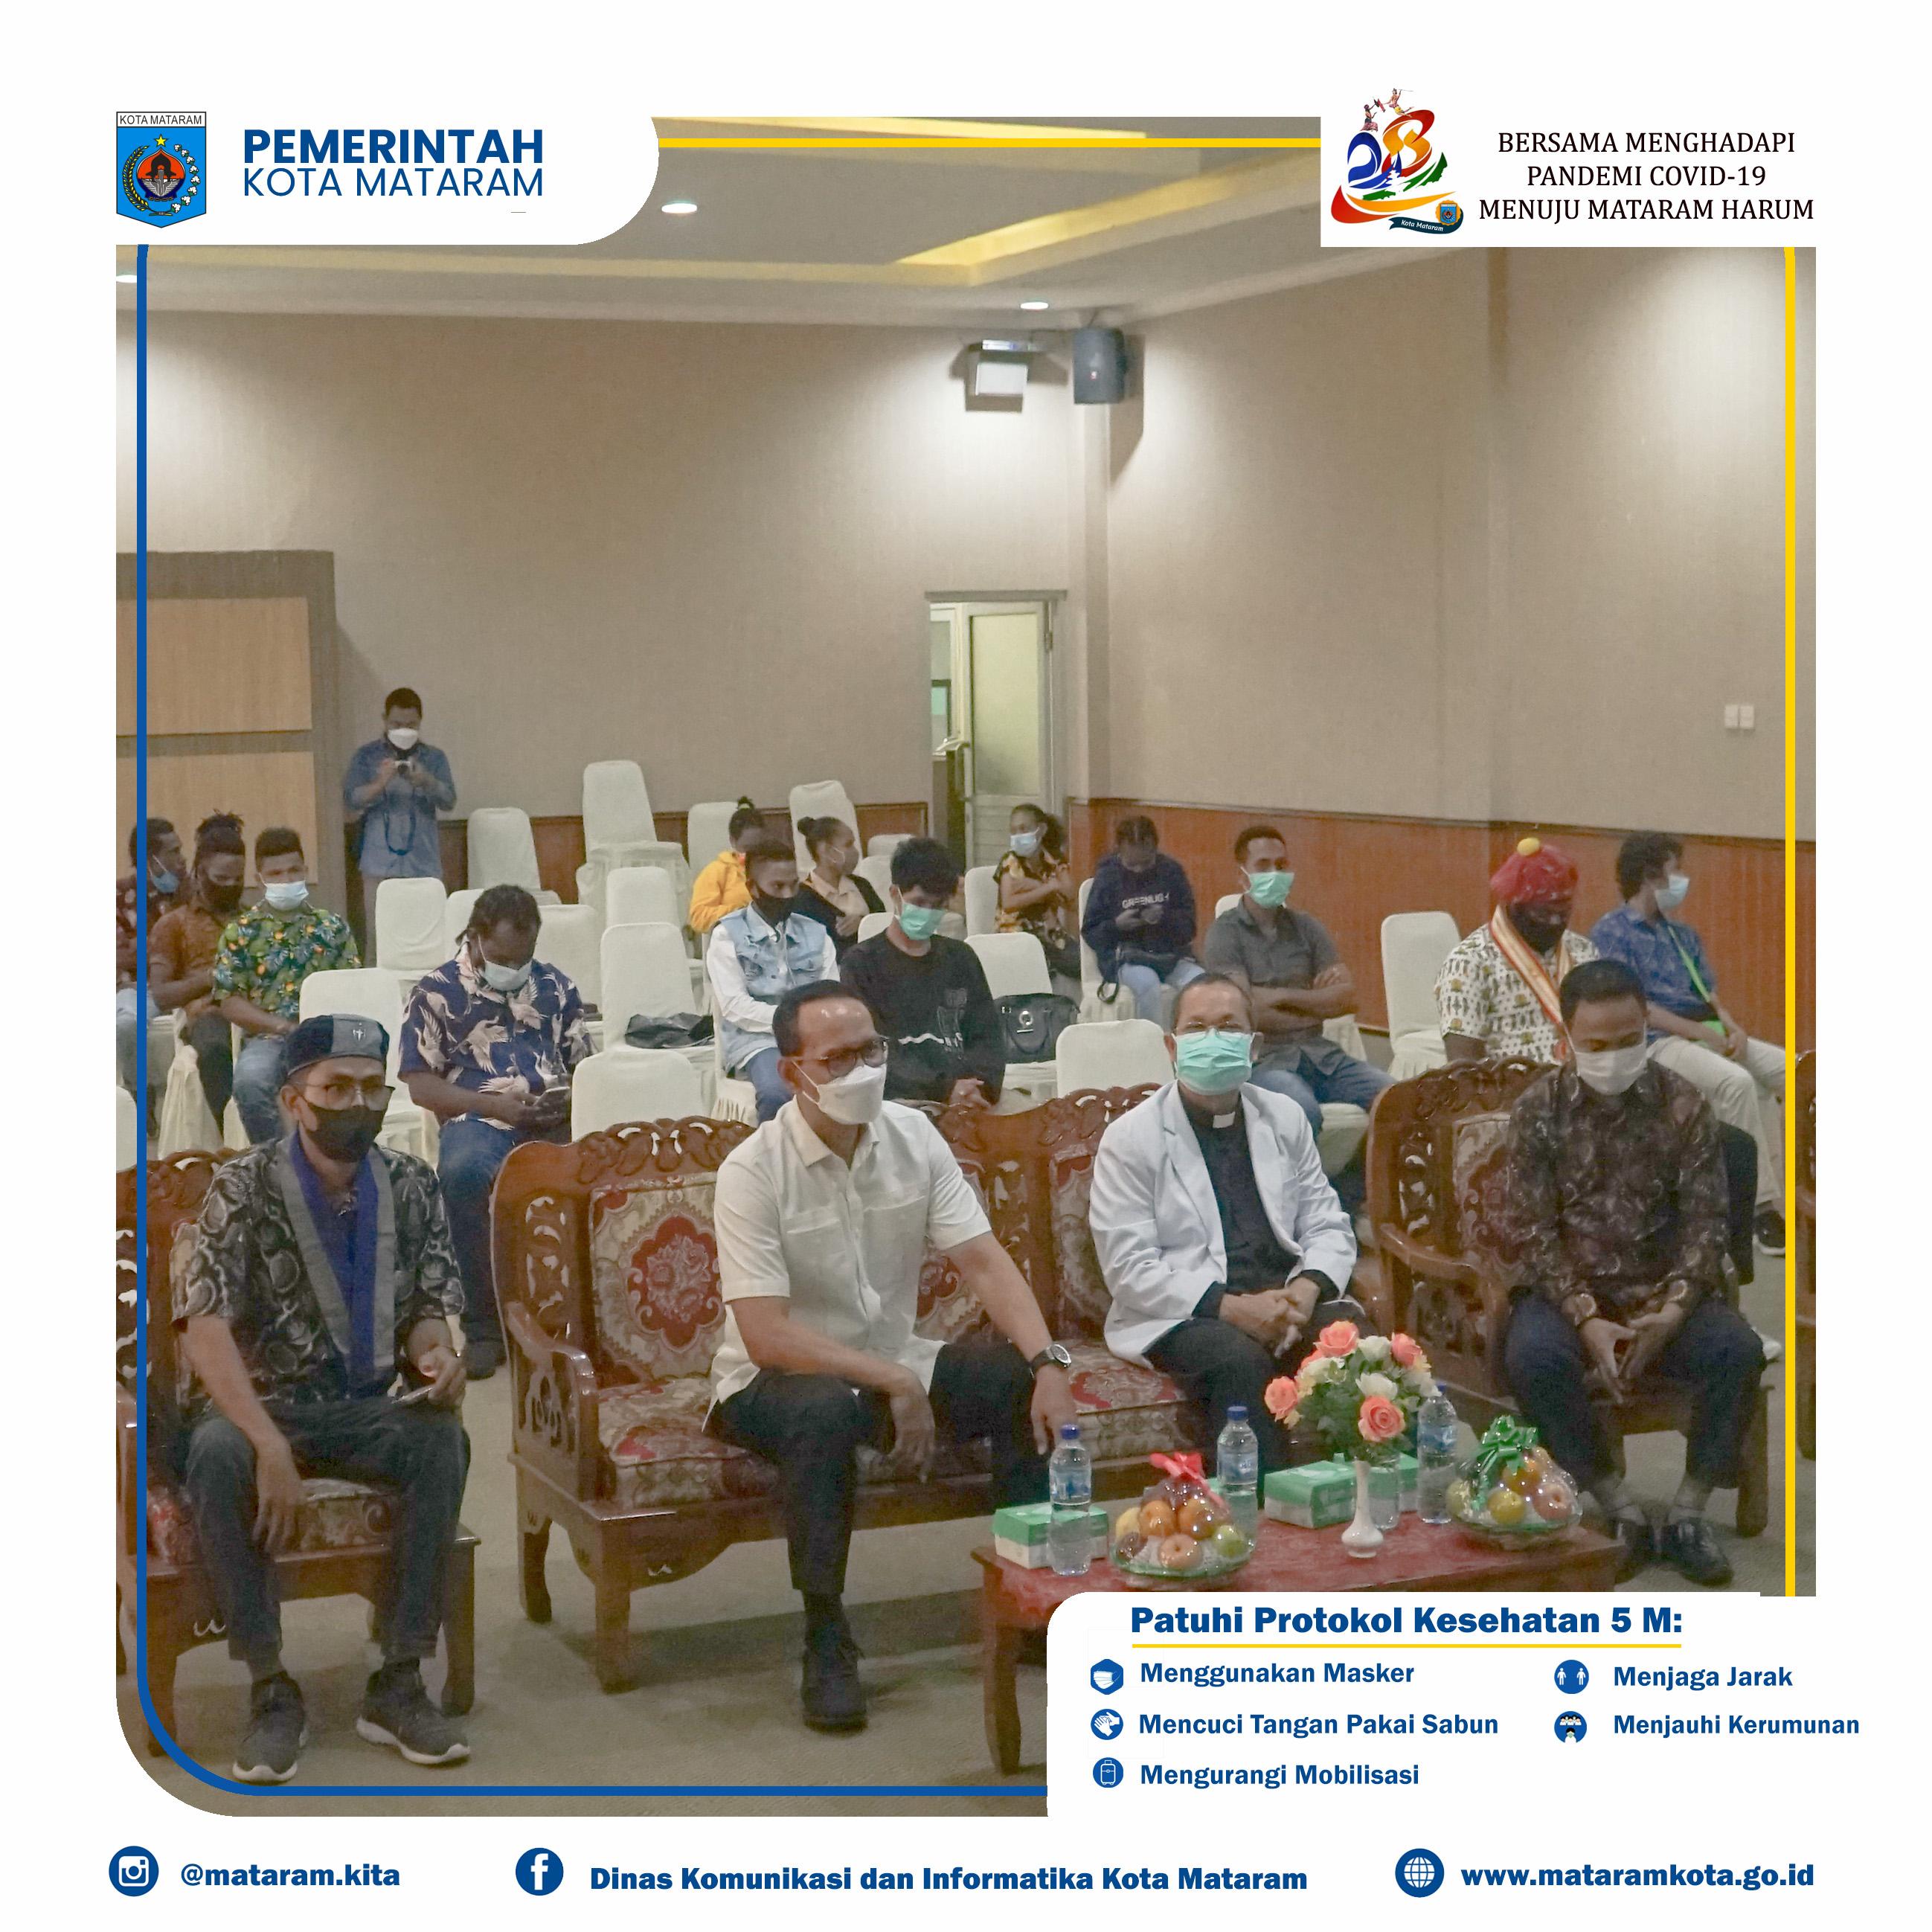 Wali Kota Mataram Hadiri Pelantikan Badan Pengurus Cabang (BPC) Gerakan Mahasiswa Kristen Indonesia (GMKI)